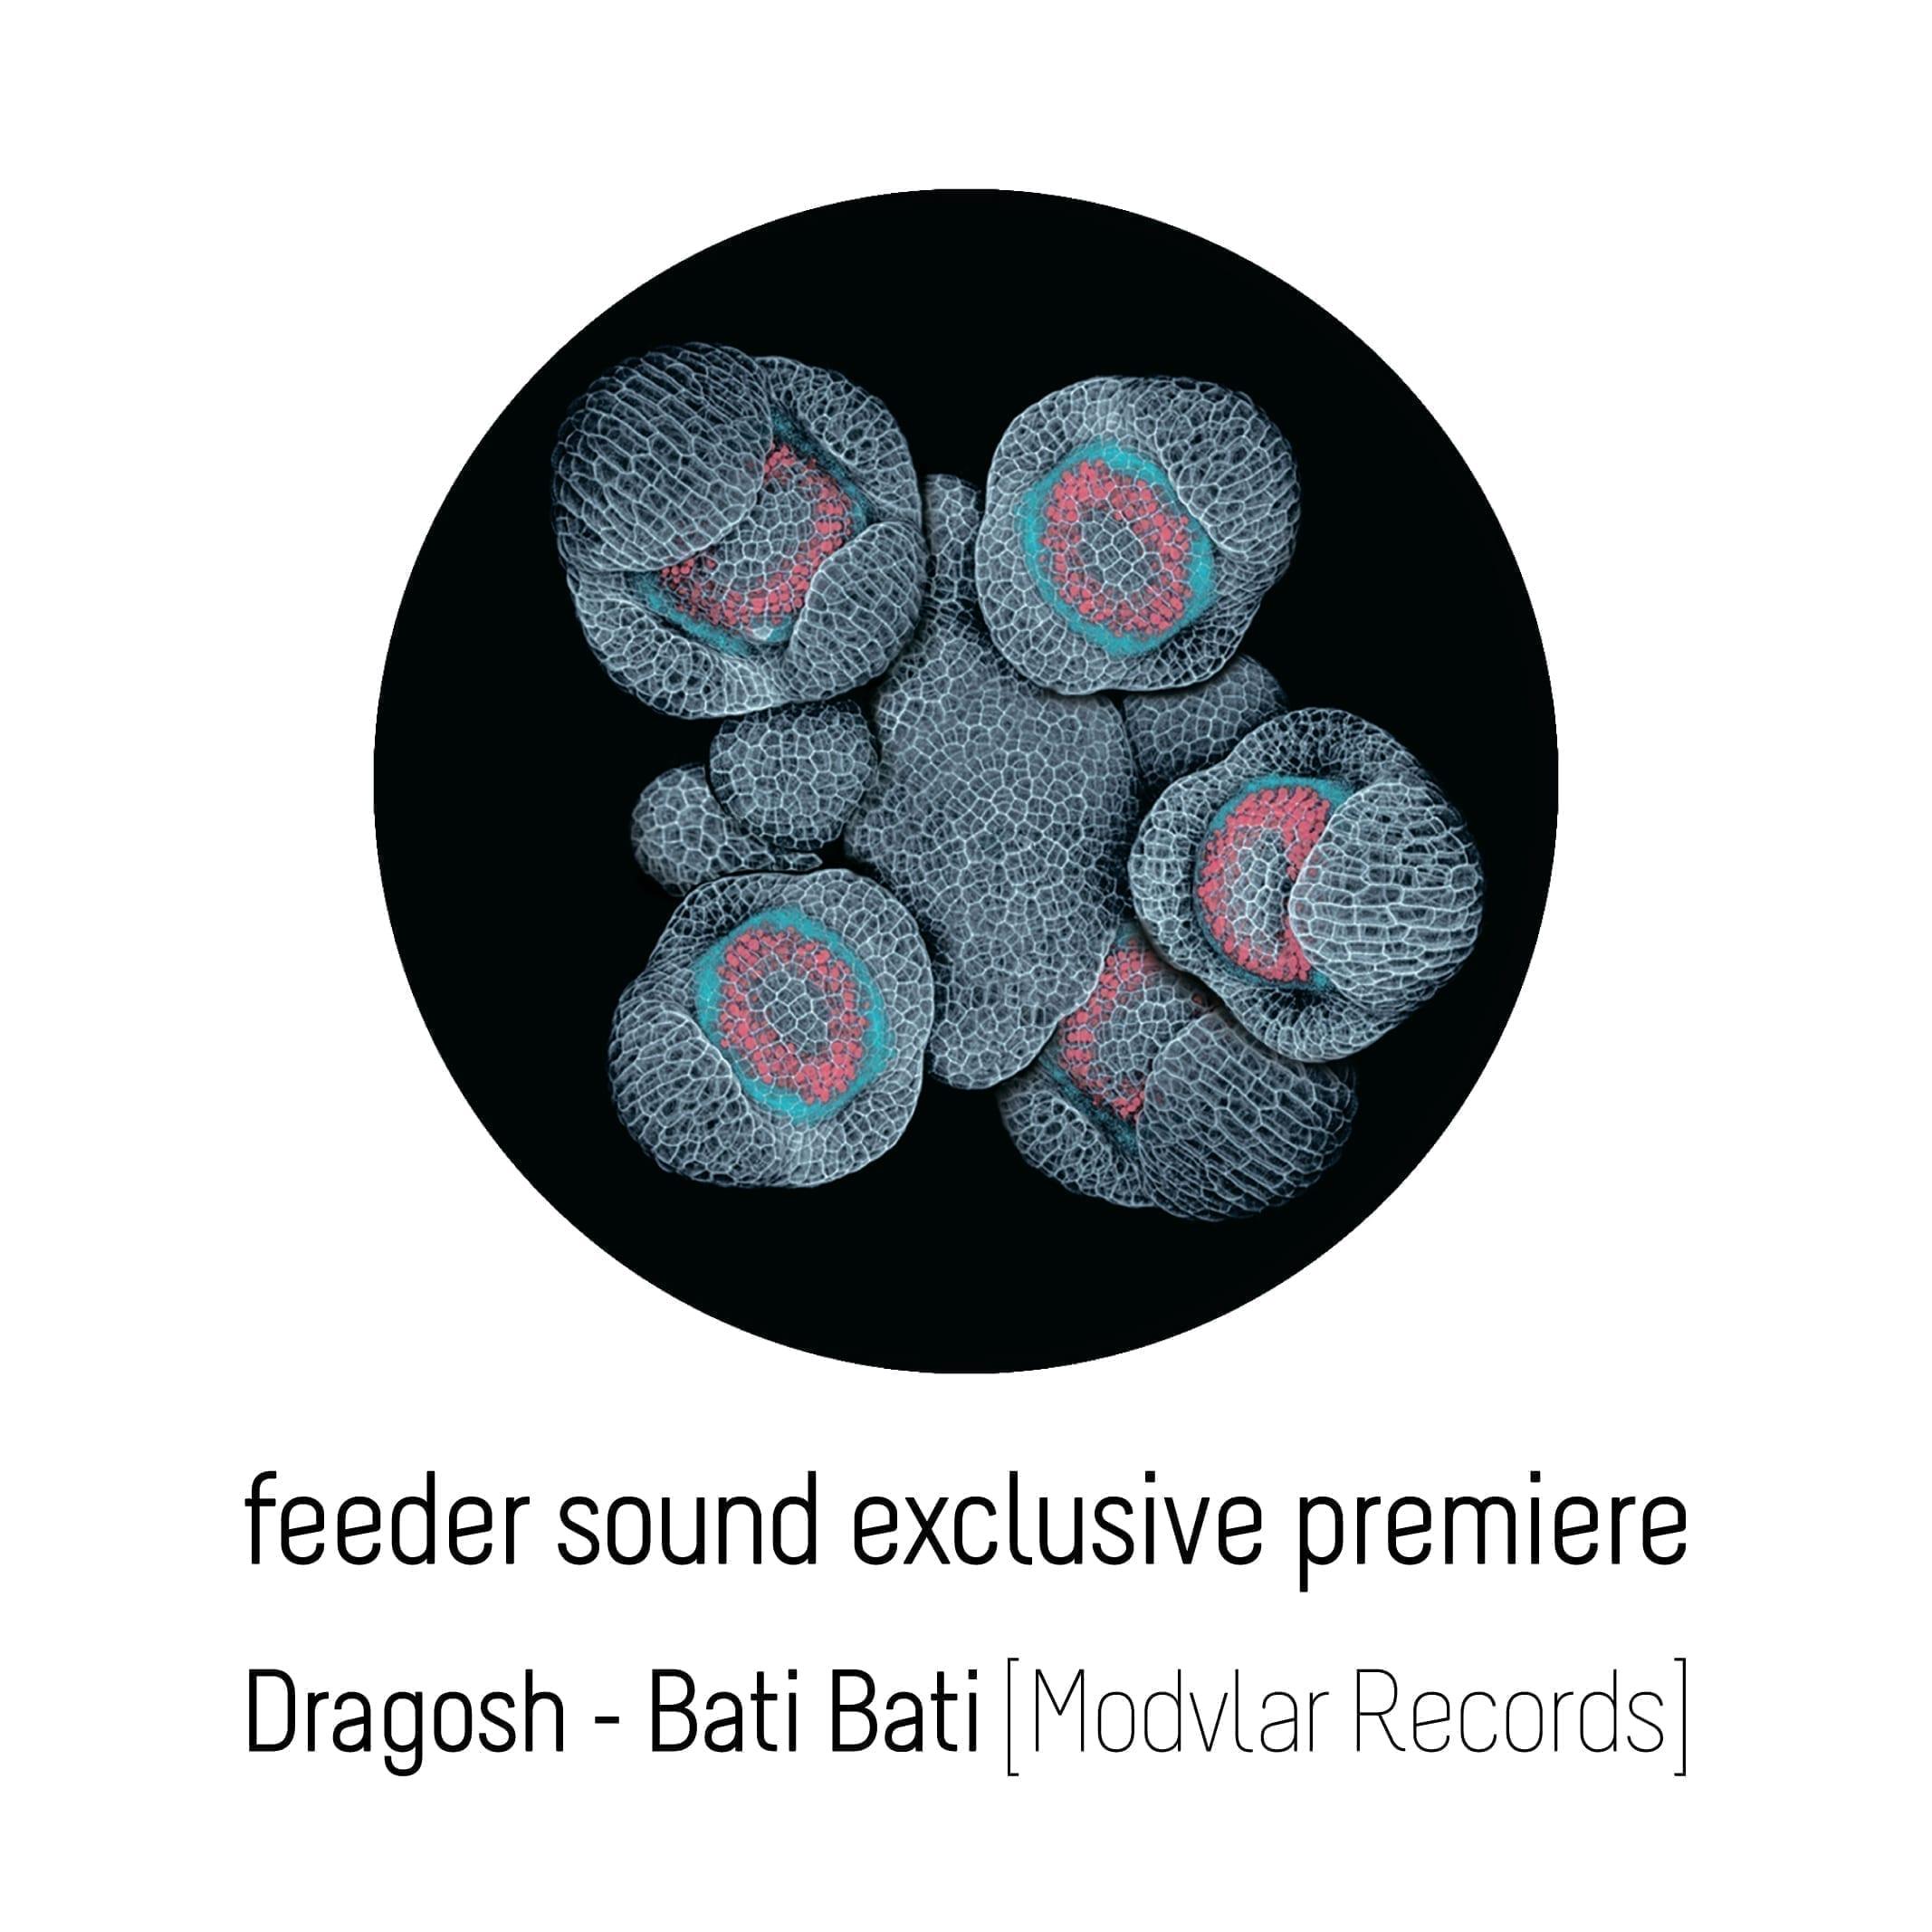 feeder sound exclusive premiere Dragosh Bati Bati